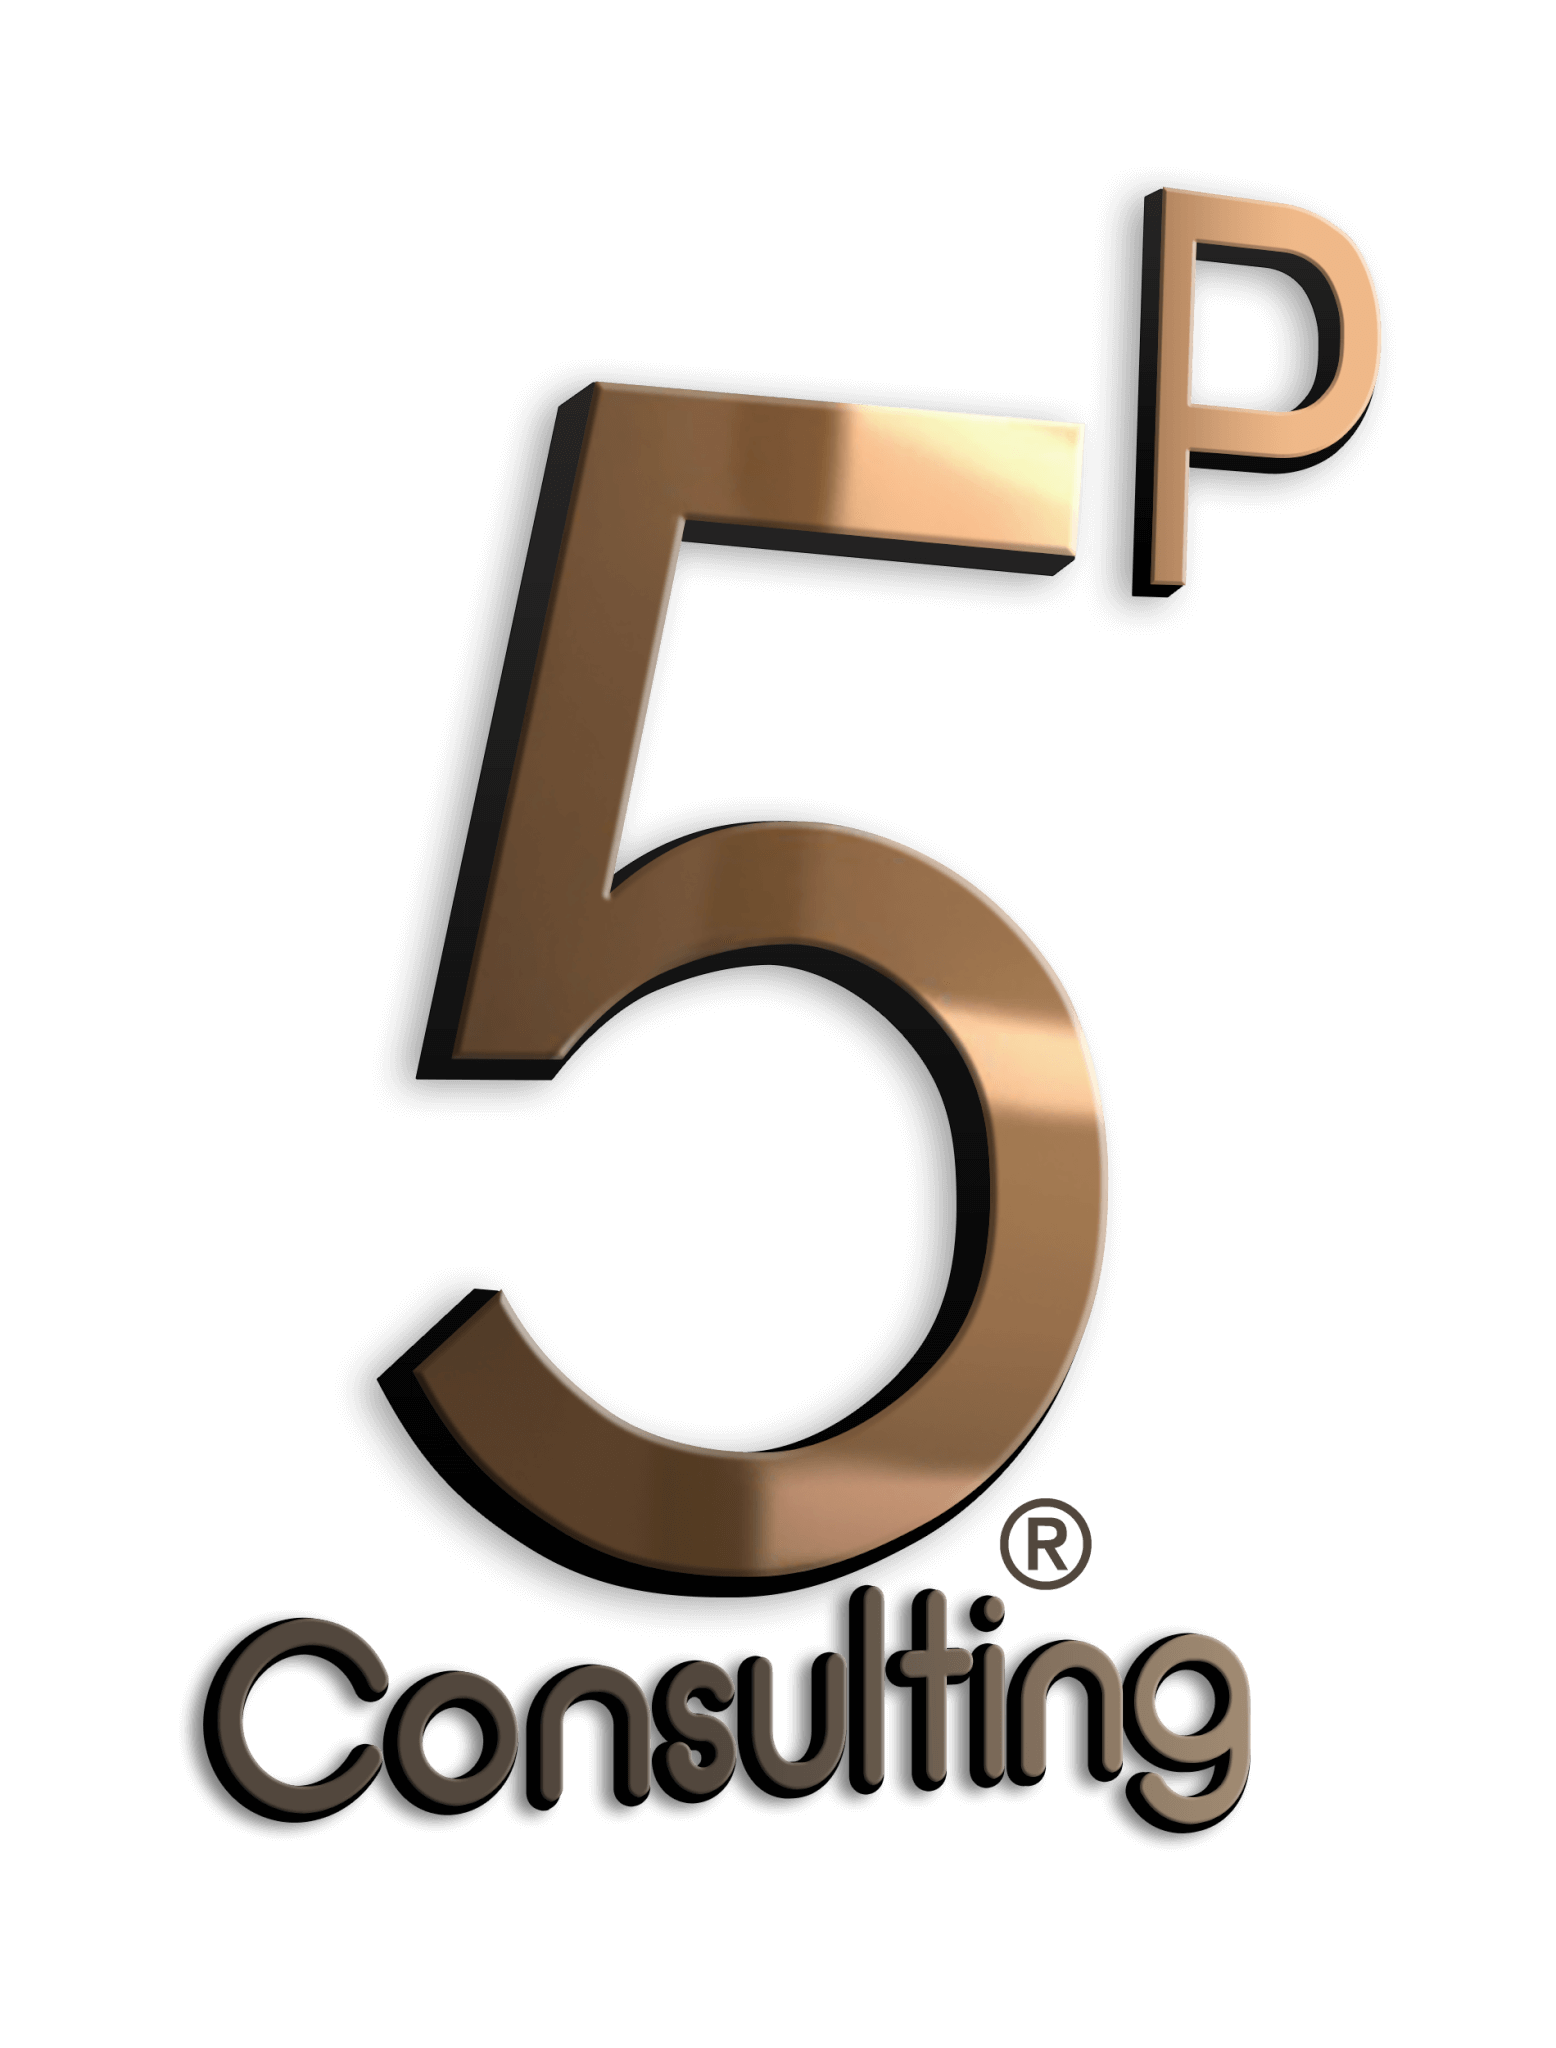 5P Consulting